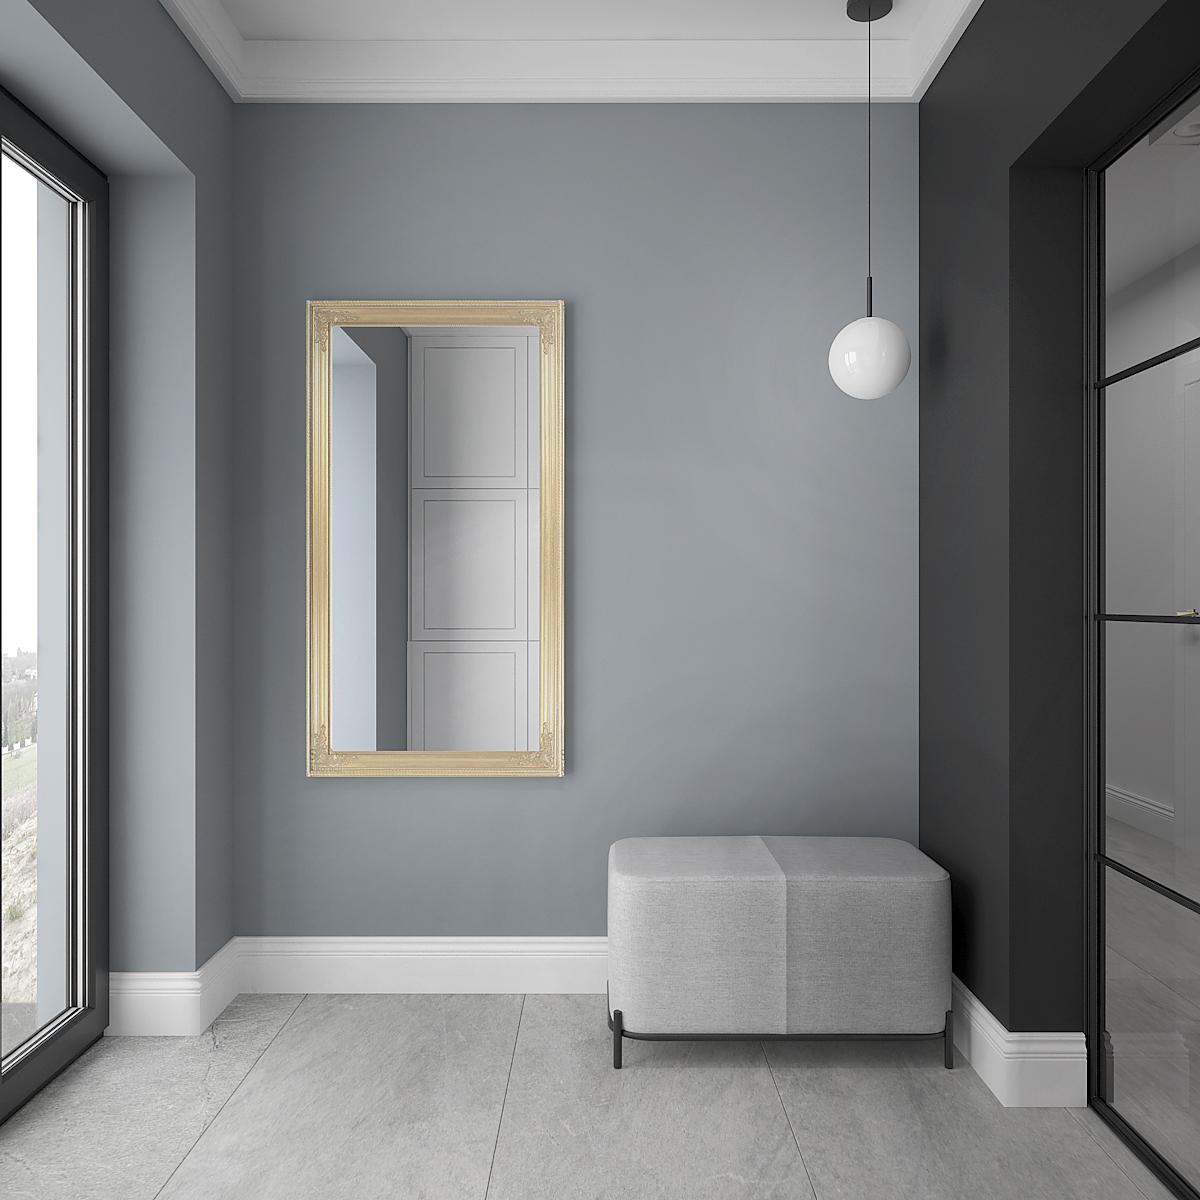 11 architek wnetrz D538 dom nowy sacz przedsionek lustro w zlotej ramie szare siedzisko szklane drzwi